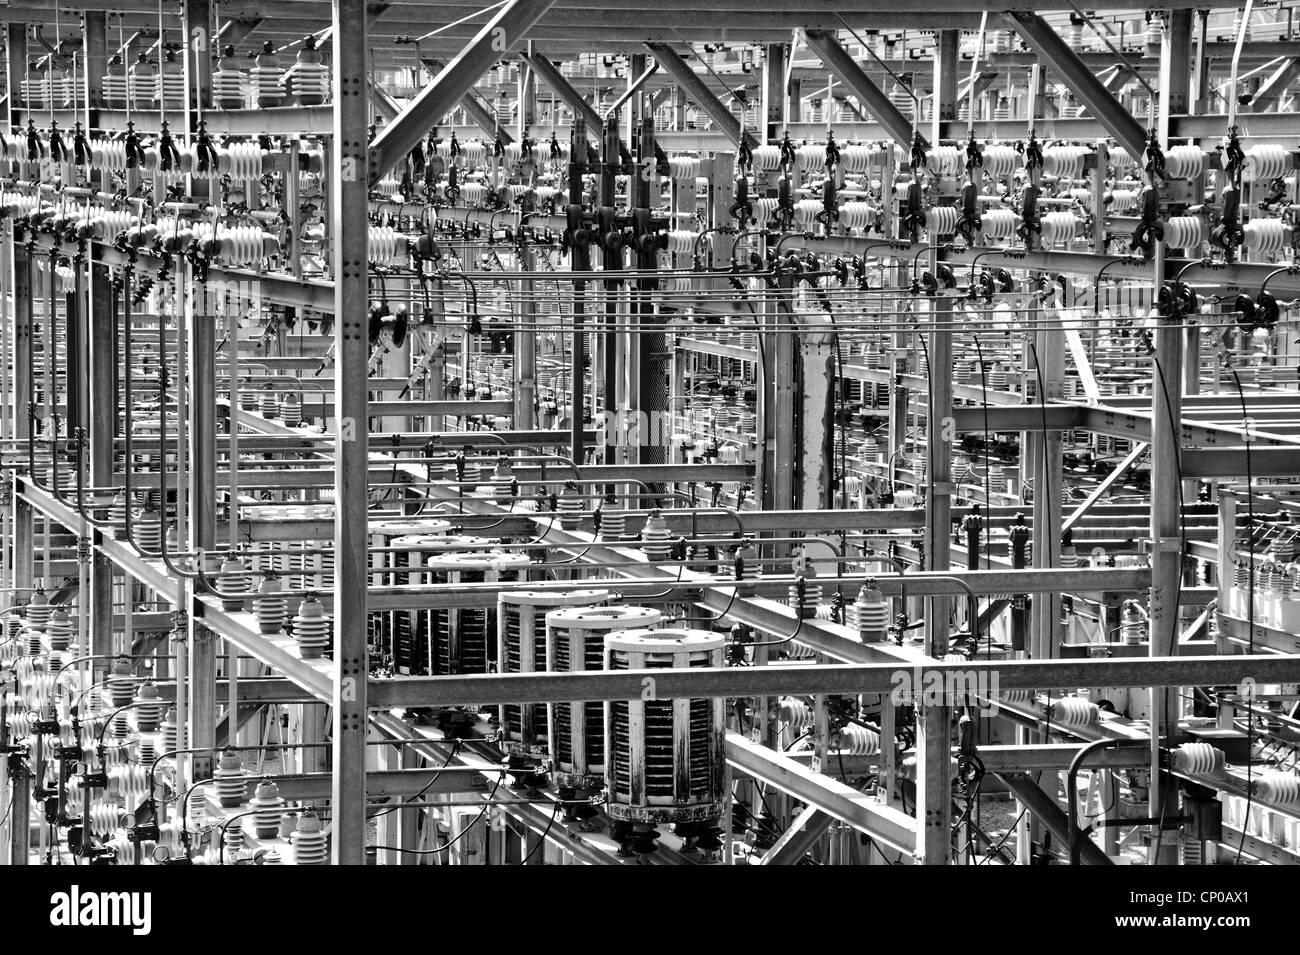 Detail von elektrischen Stromverteilersystemen im Raster Stockbild